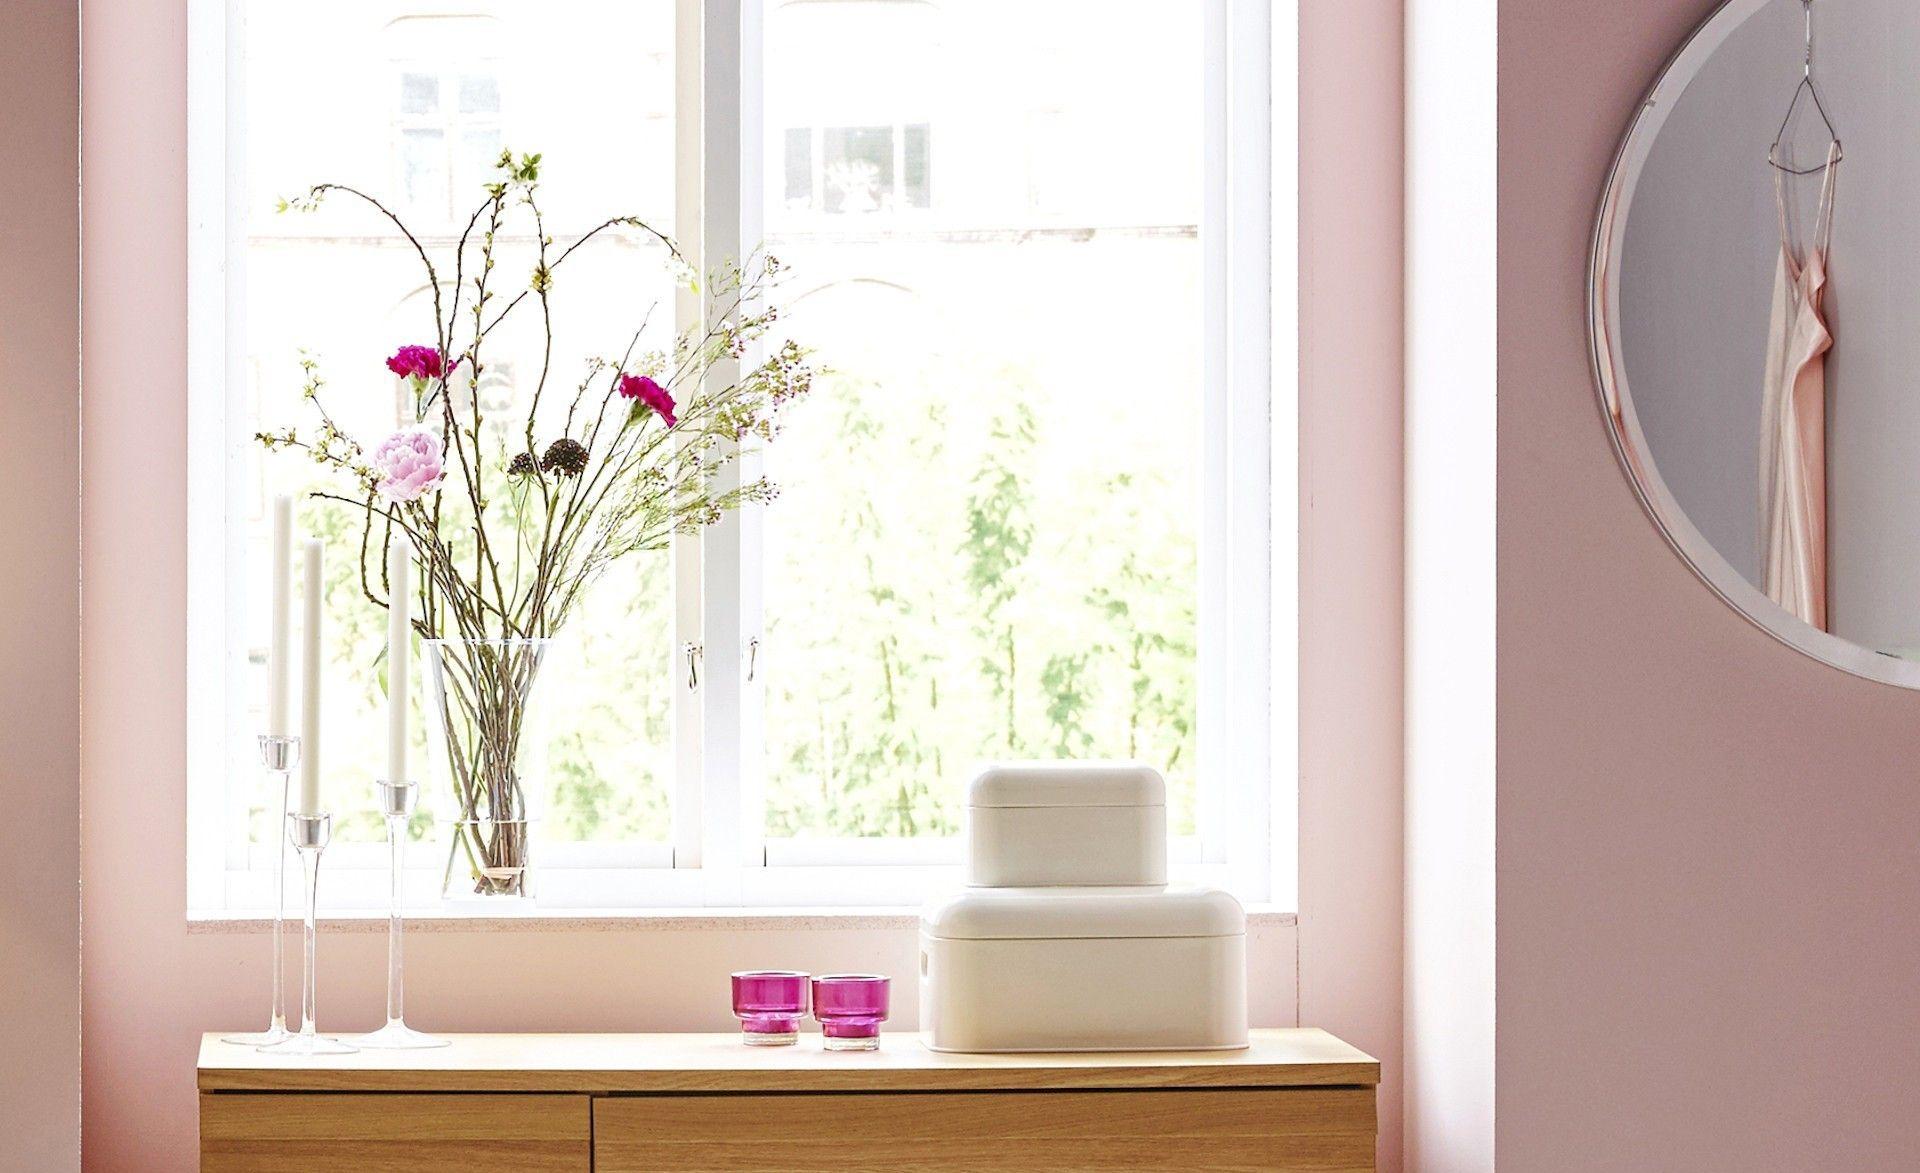 Full Size of Fensterbank Deko Ideen Wohnzimmer Fensterbank Dekorieren